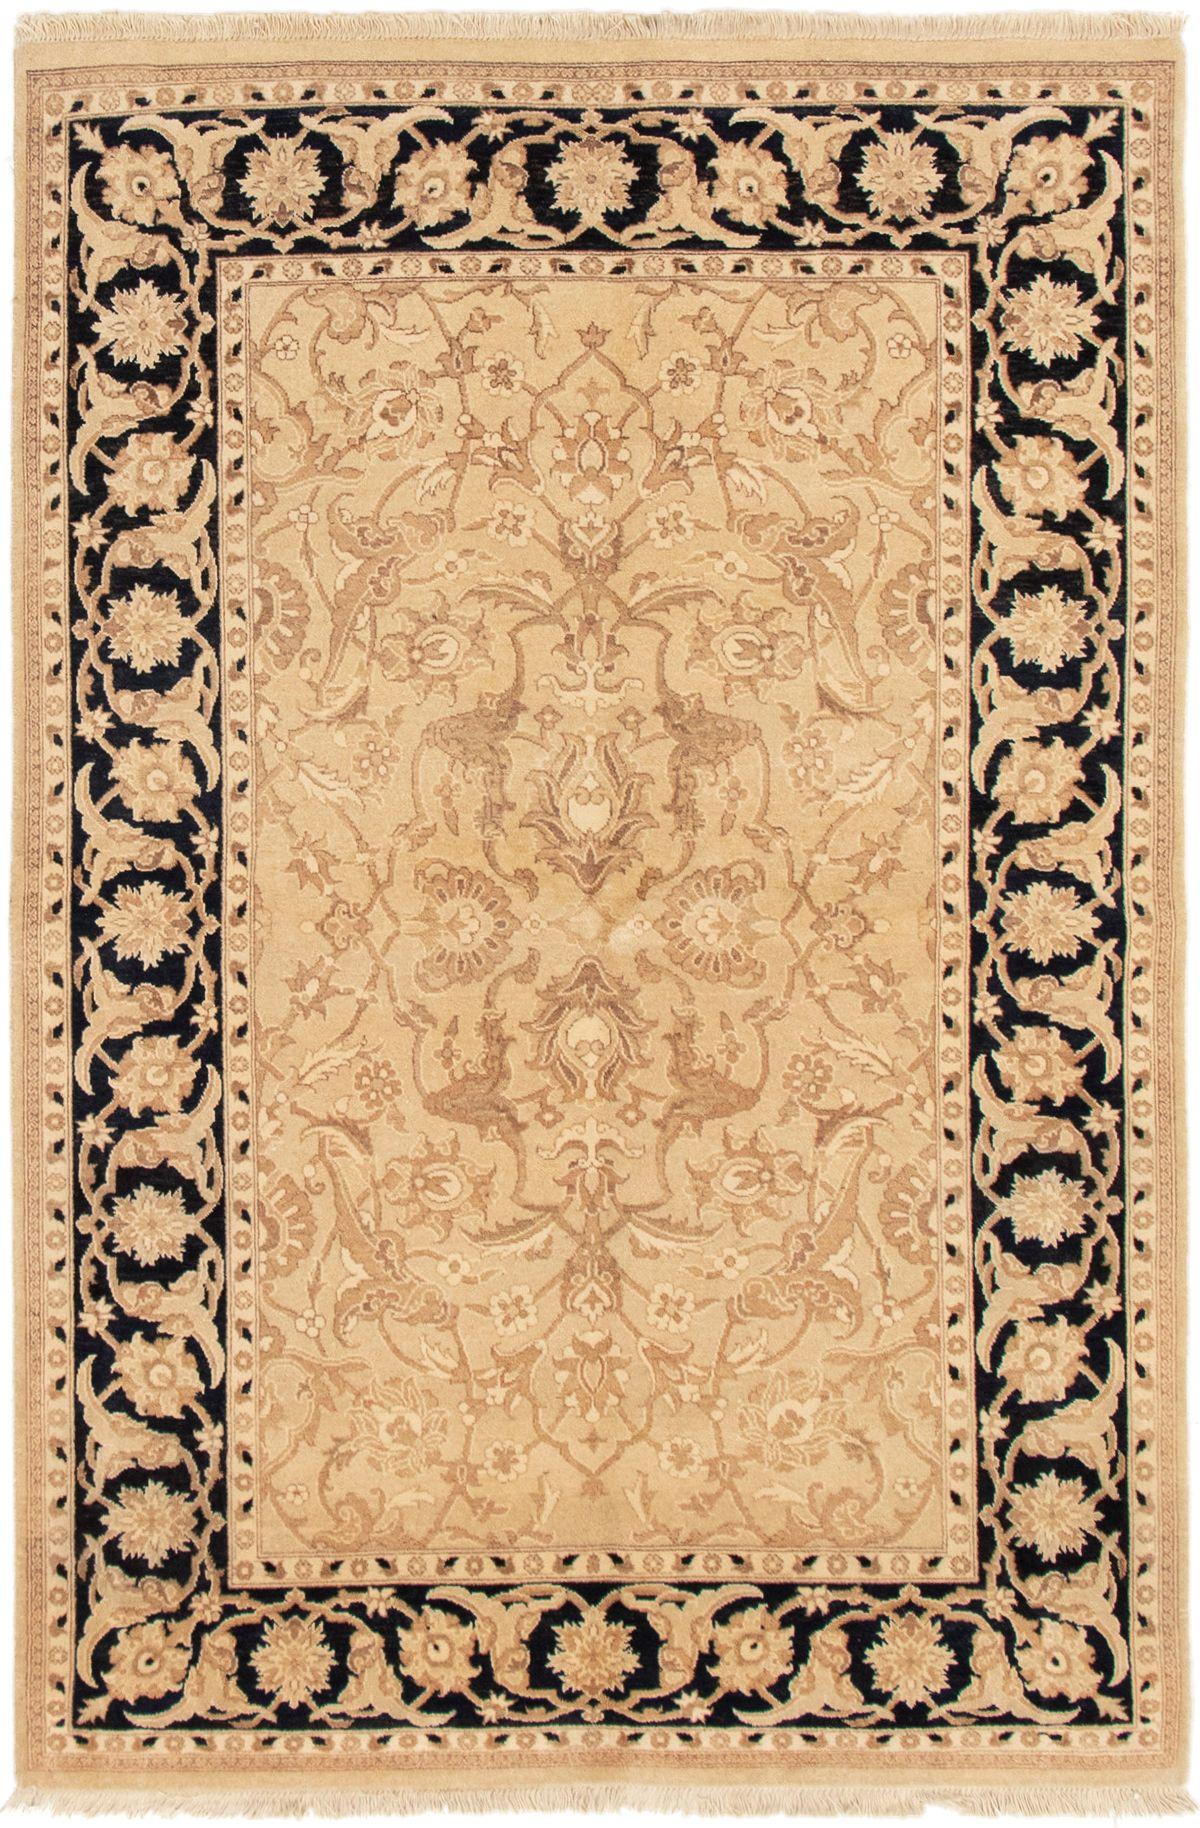 """Hand-knotted Peshawar Oushak Light Khaki Wool Rug 5'1"""" x 7'6"""" Size: 5'1"""" x 7'6"""""""